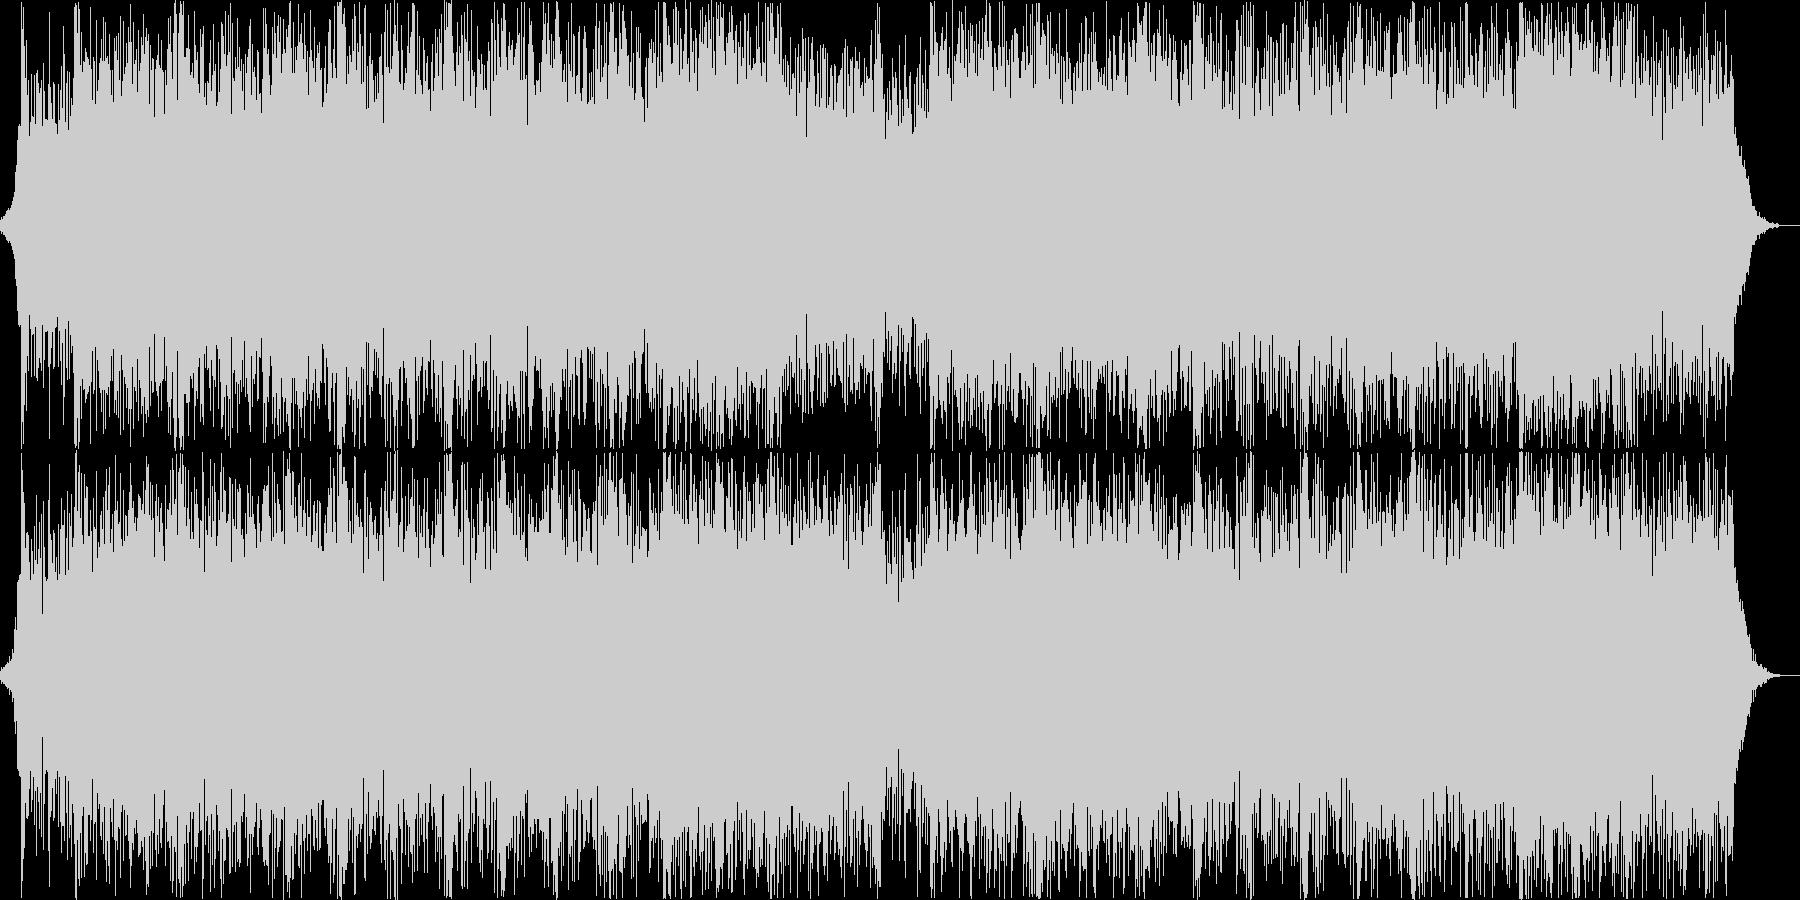 機械ビートとエスニックなコーラスの戦闘曲の未再生の波形